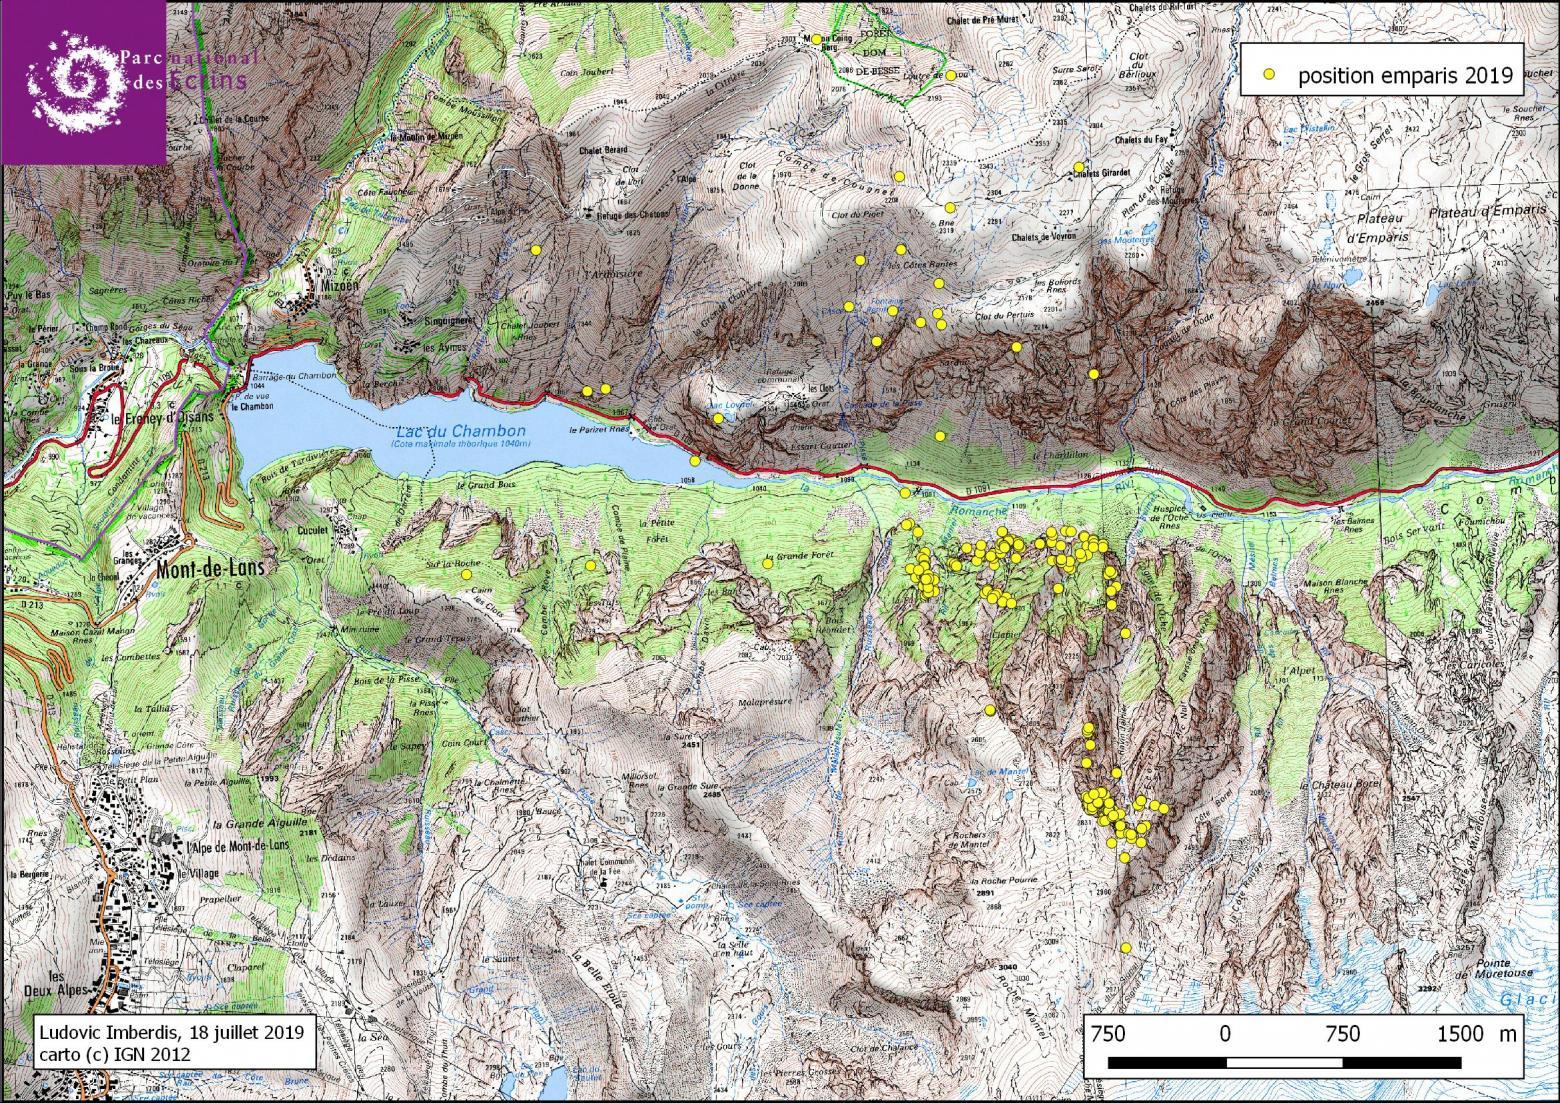 Les premiers déplacements d'Emparis - cartographie L.imberdis - Parc national des Ecrins